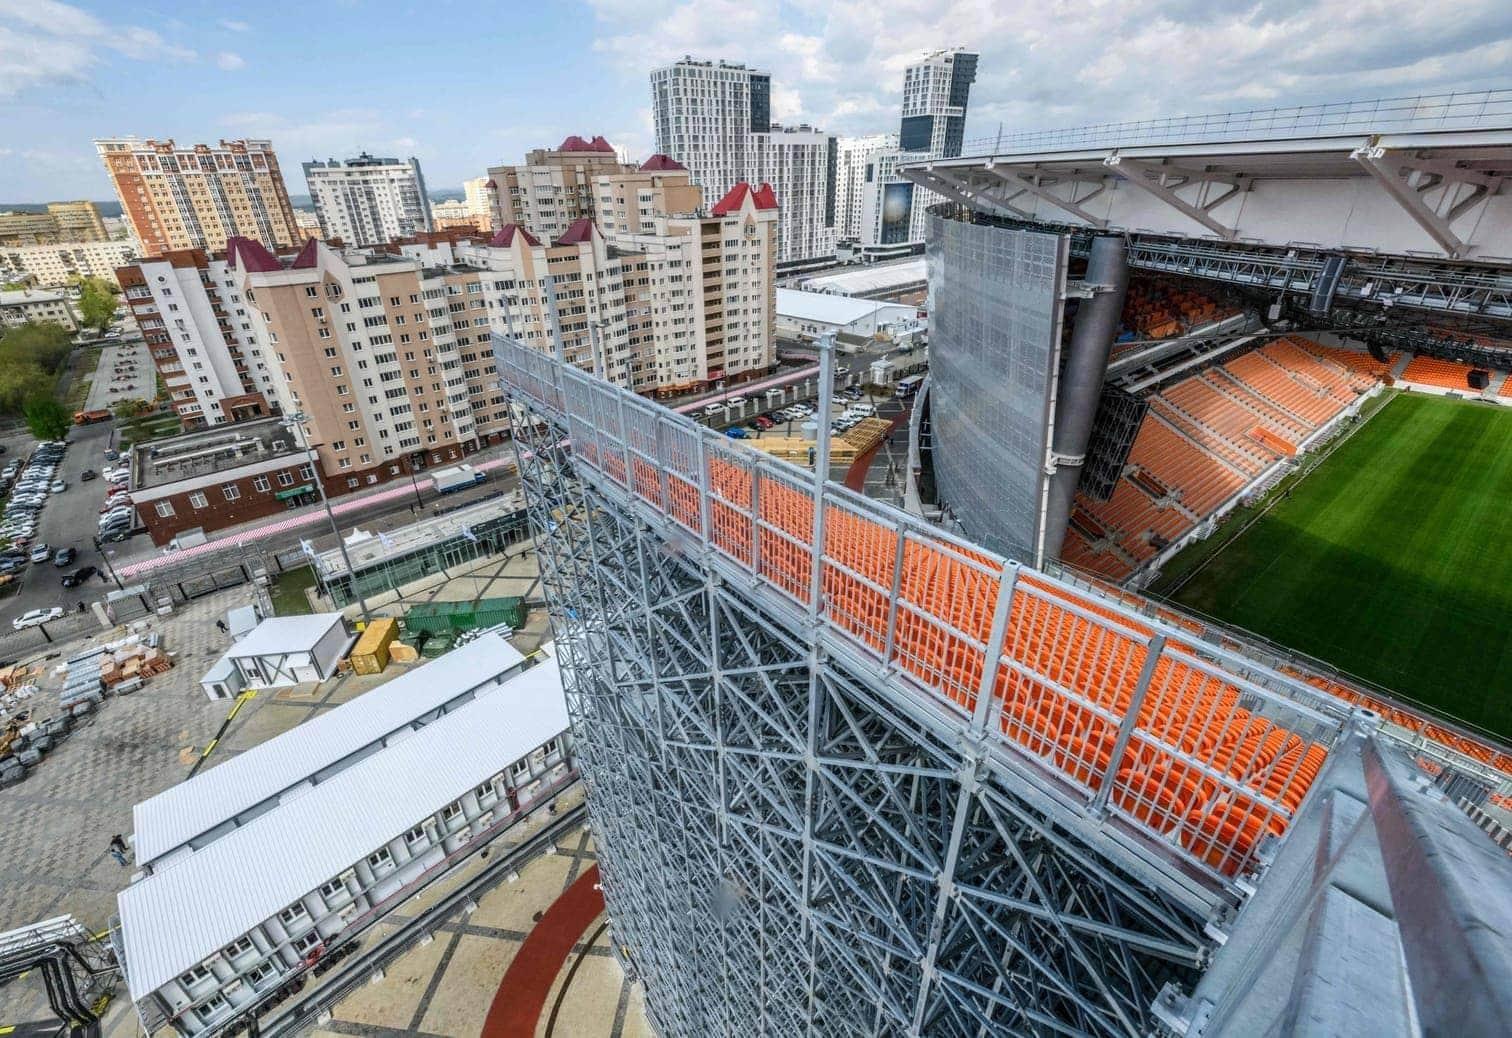 <p>Rund um die neo-klassizistische Fassade der alten Arena wurde das neue Stadion gebaut. Markant sind die Hinter-Tor-Tribünen